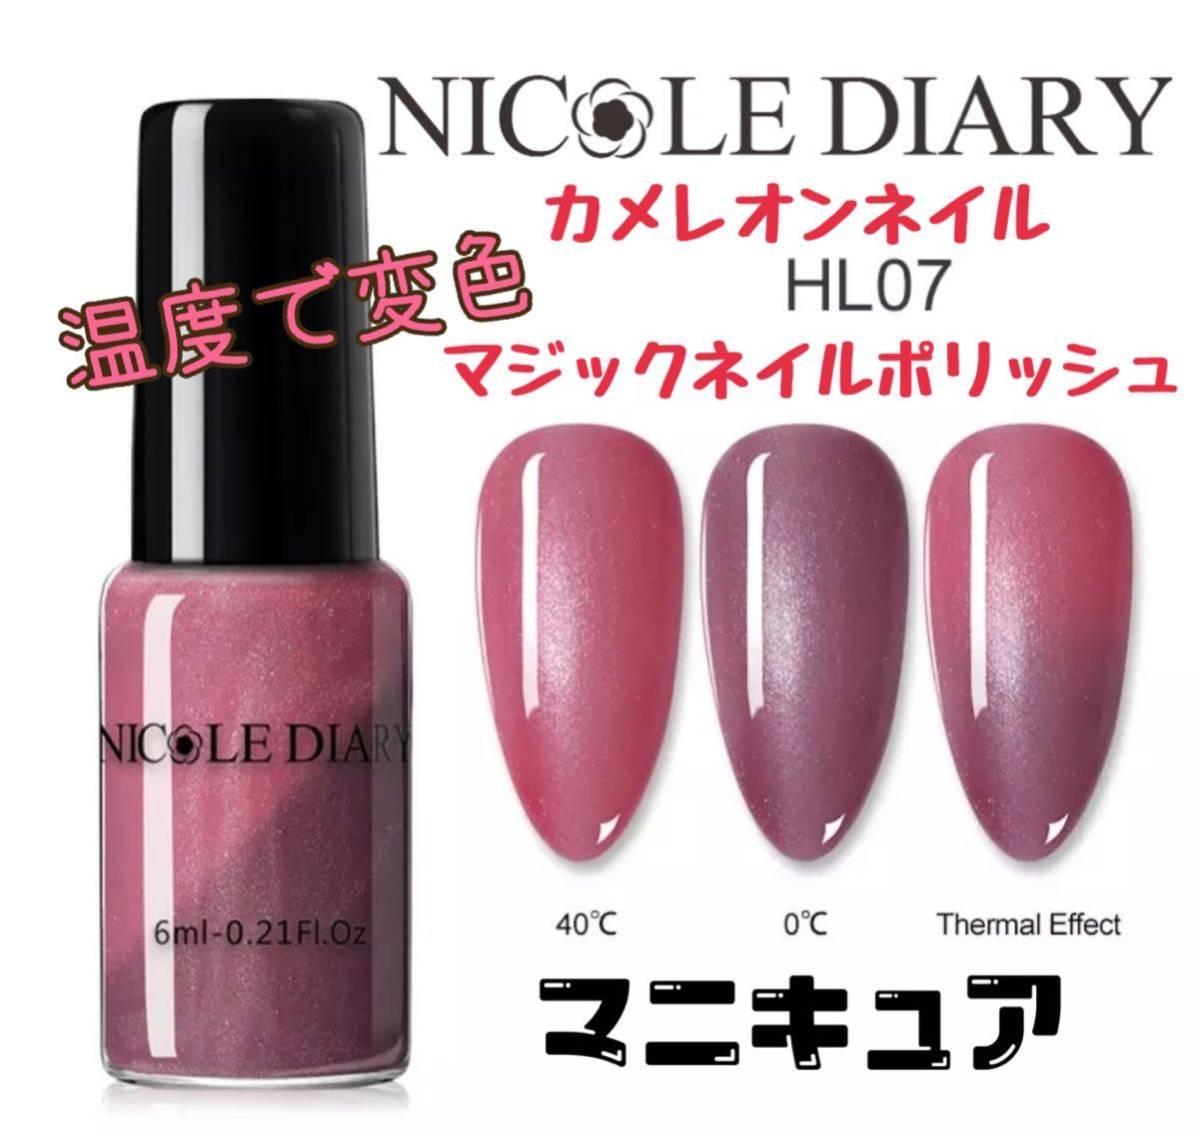 変色ネイル NICOLE DIARY マジックネイル サーマルネイルポリッシュ マニキュア HL07